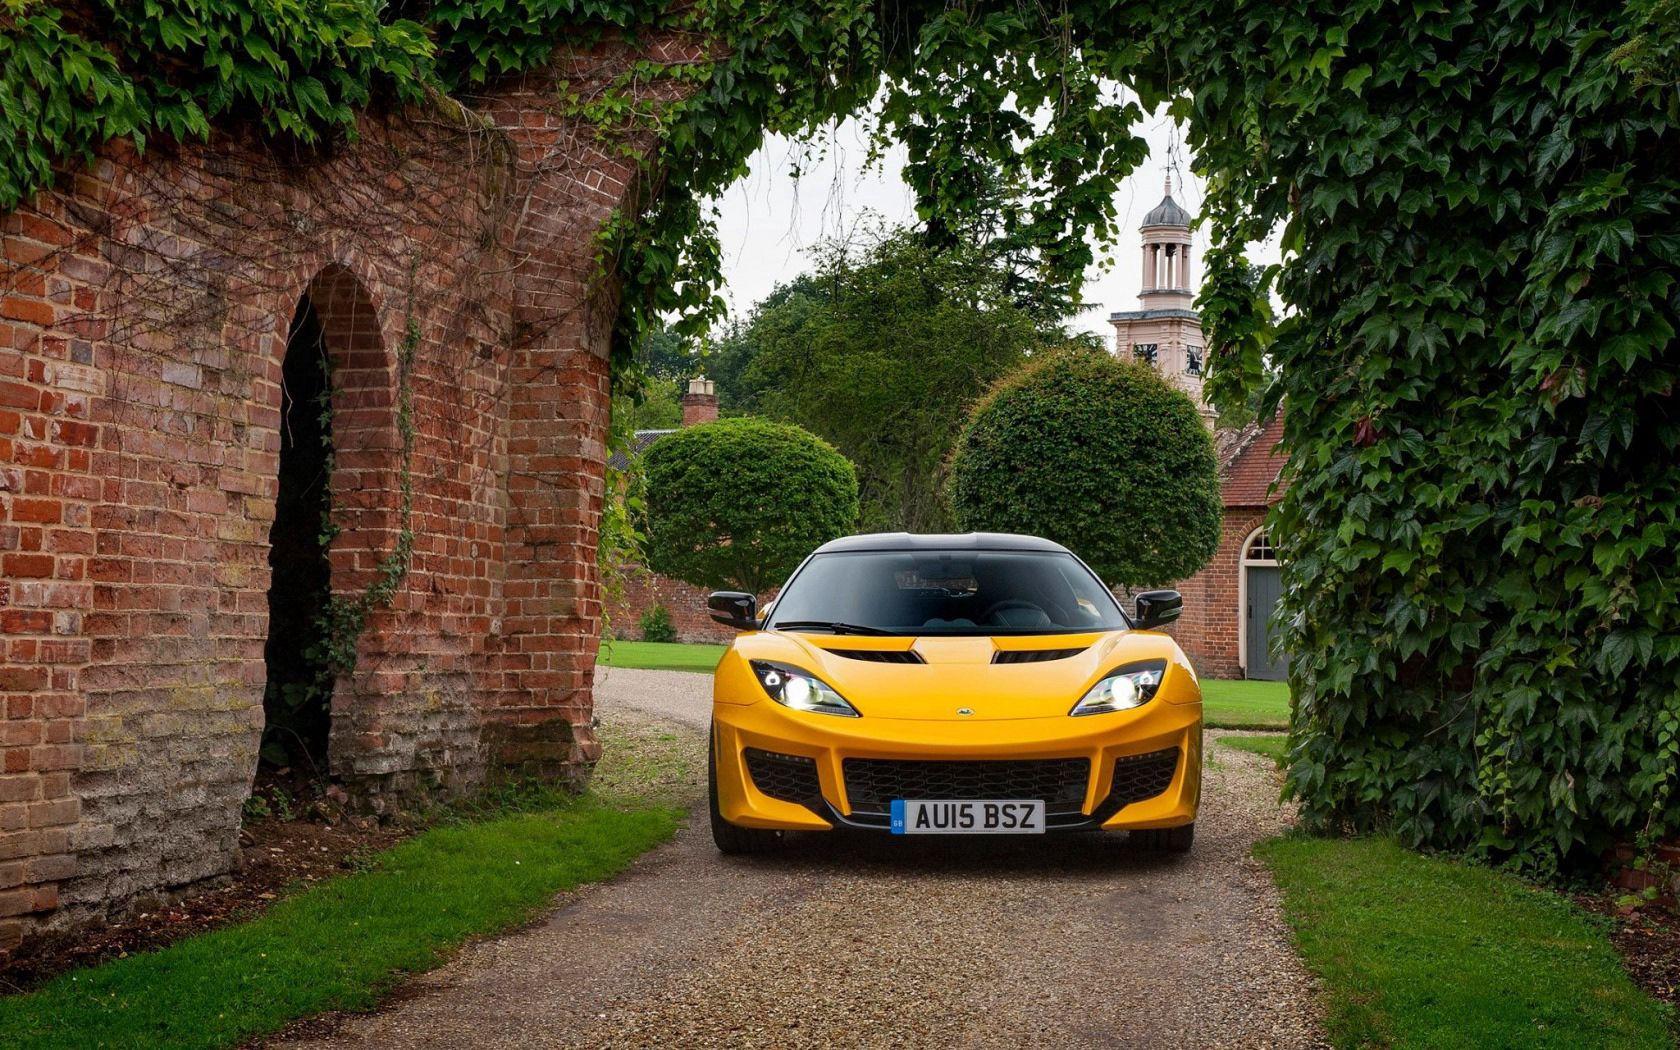 141431 Hintergrundbild herunterladen Lotus, Cars, Vorderansicht, Frontansicht, Evora, Evovora - Bildschirmschoner und Bilder kostenlos